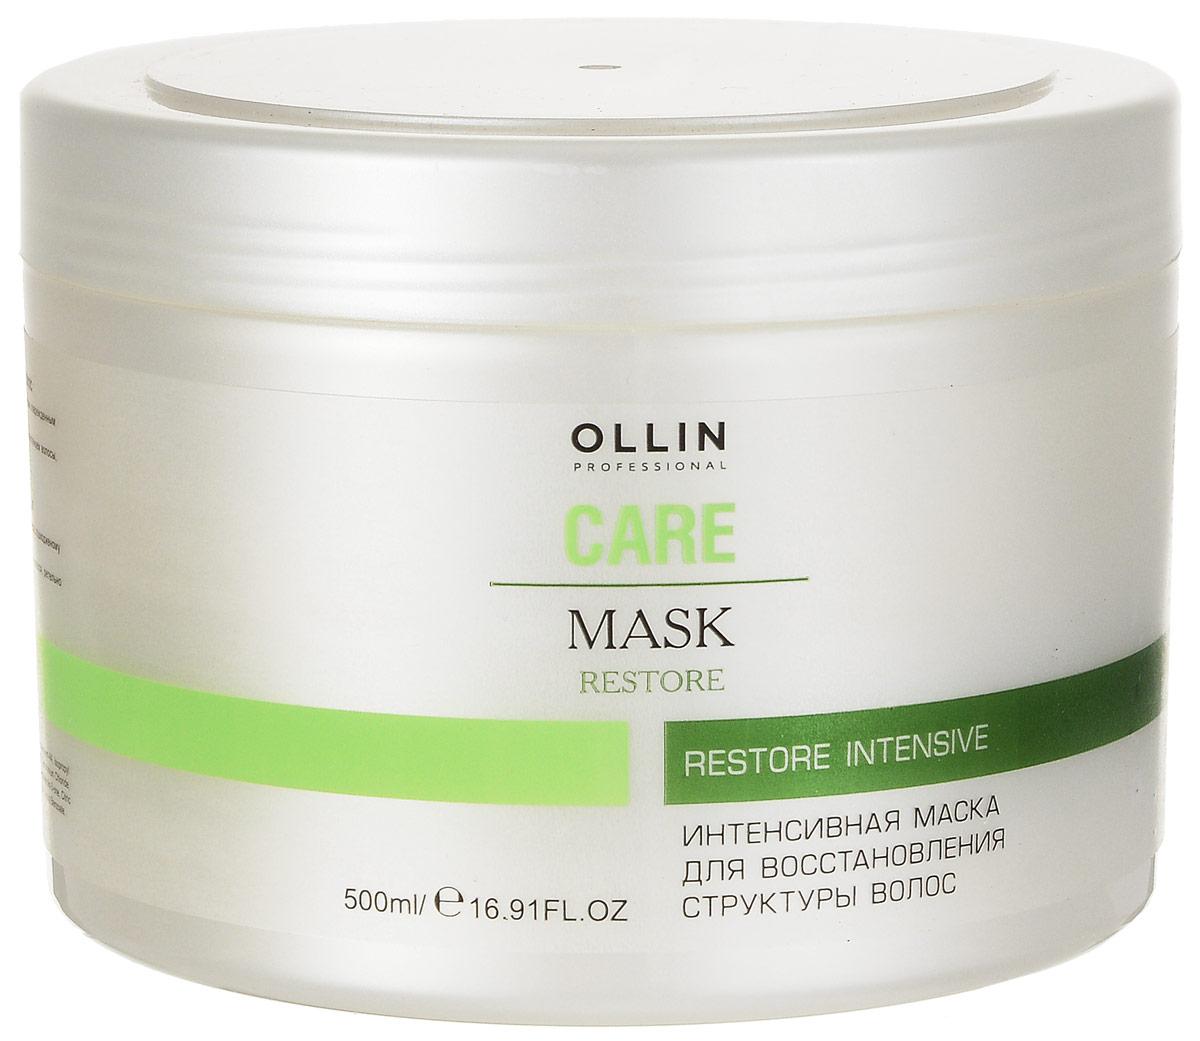 Ollin Интенсивная маска для восстановления структуры волос Care Restore Intensive Mask 500 млFS-00897Интенсивная маска для восстановления структуры волос Ollin Care Restore Intensive Mask. Потрясающая по эффекту, восстанавливающая маска Ollin для сухих, осветлённых, обесцвеченных, химически завитых и уставших волос, утративших жизненную силу. Питает волосы кератиновым протеином. Возвращает блеск и здоровый вид тусклым волосам, повреждённым химическими процедурами. Действие маски Ollin restore intensive mask основано на силе активных компонентов и растительных экстрактов: Витаминный комплекс из 11 экстрактов растений обеспечивает максимальный уход, восстанавливает волосы изнутри и одновременно защищает от агрессивного воздействия окружающей среды. Масло миндаля увлажняет, питает, смягчает, кондиционирует и разглаживает поверхность волоса. Результат: мягкие, блестящие и послушные волосы. Минеральные вещества заново выстраивают разрушенную структуру волоса.